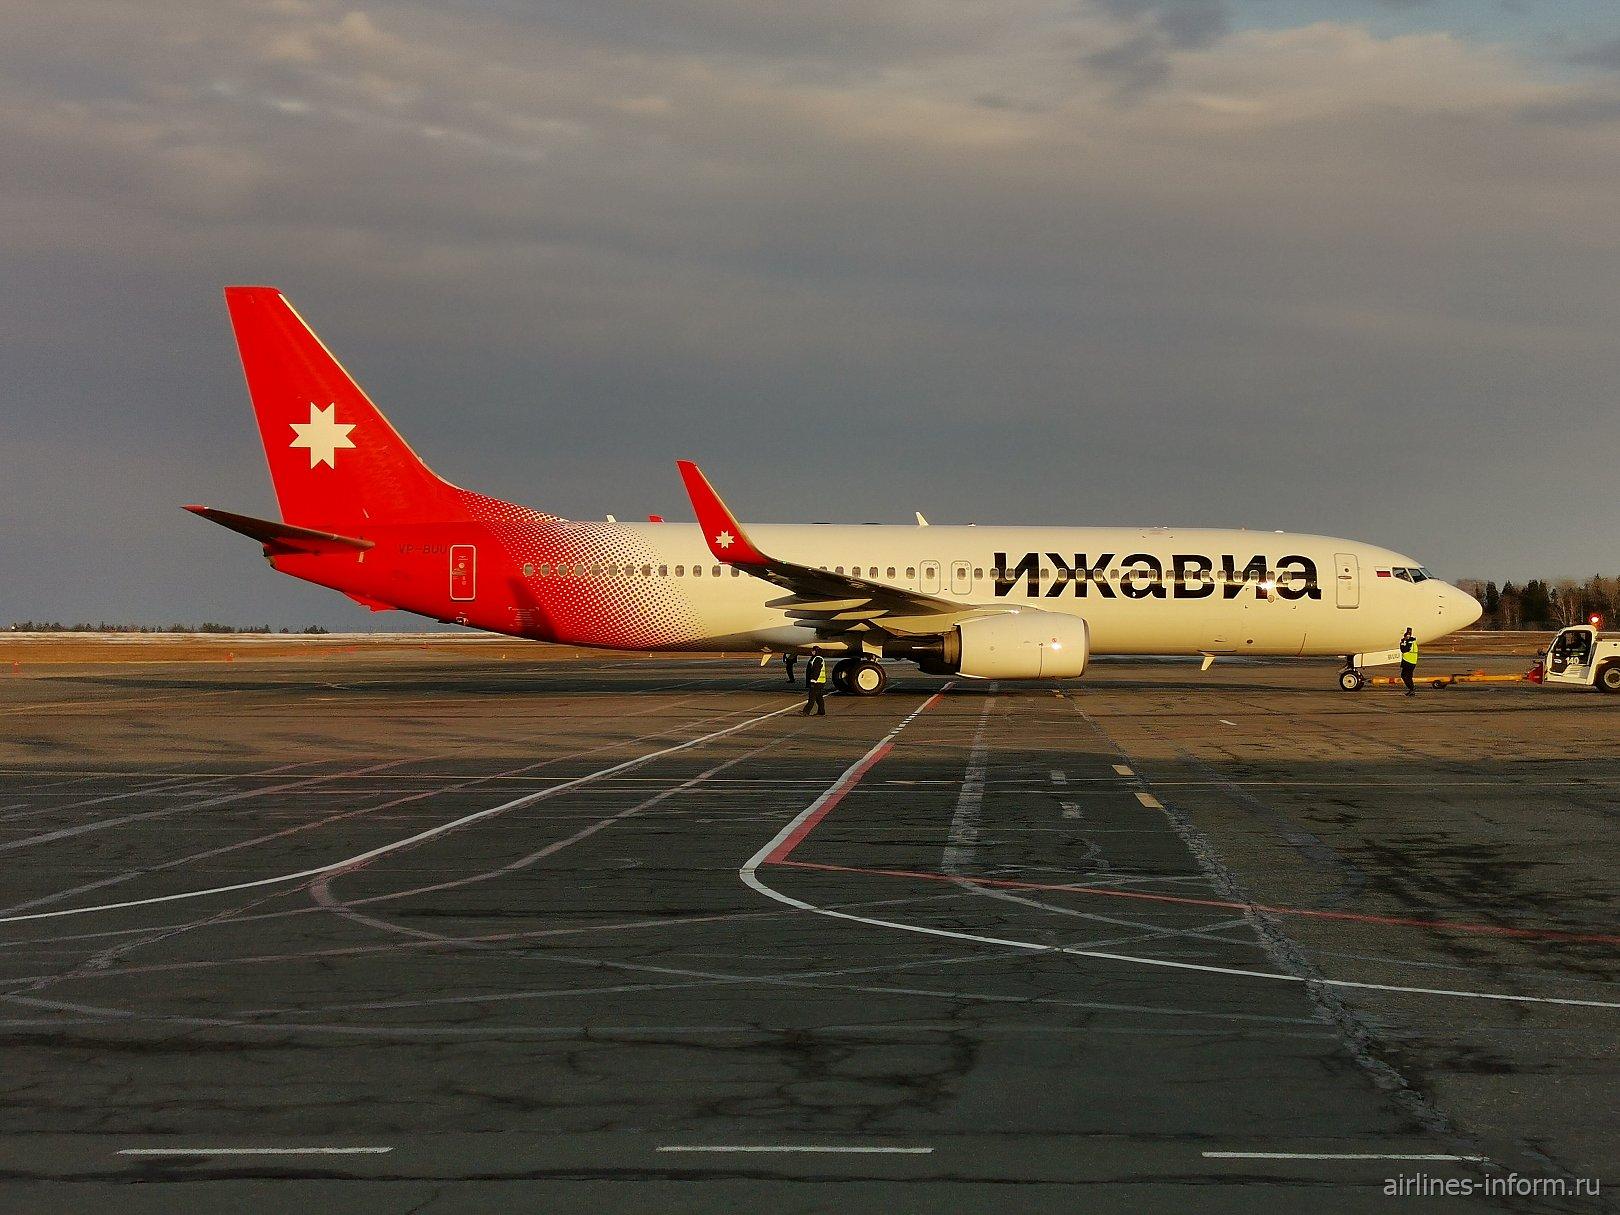 """Авиалайнер Боинг-737-800 авиакомпании """"Ижавиа"""""""